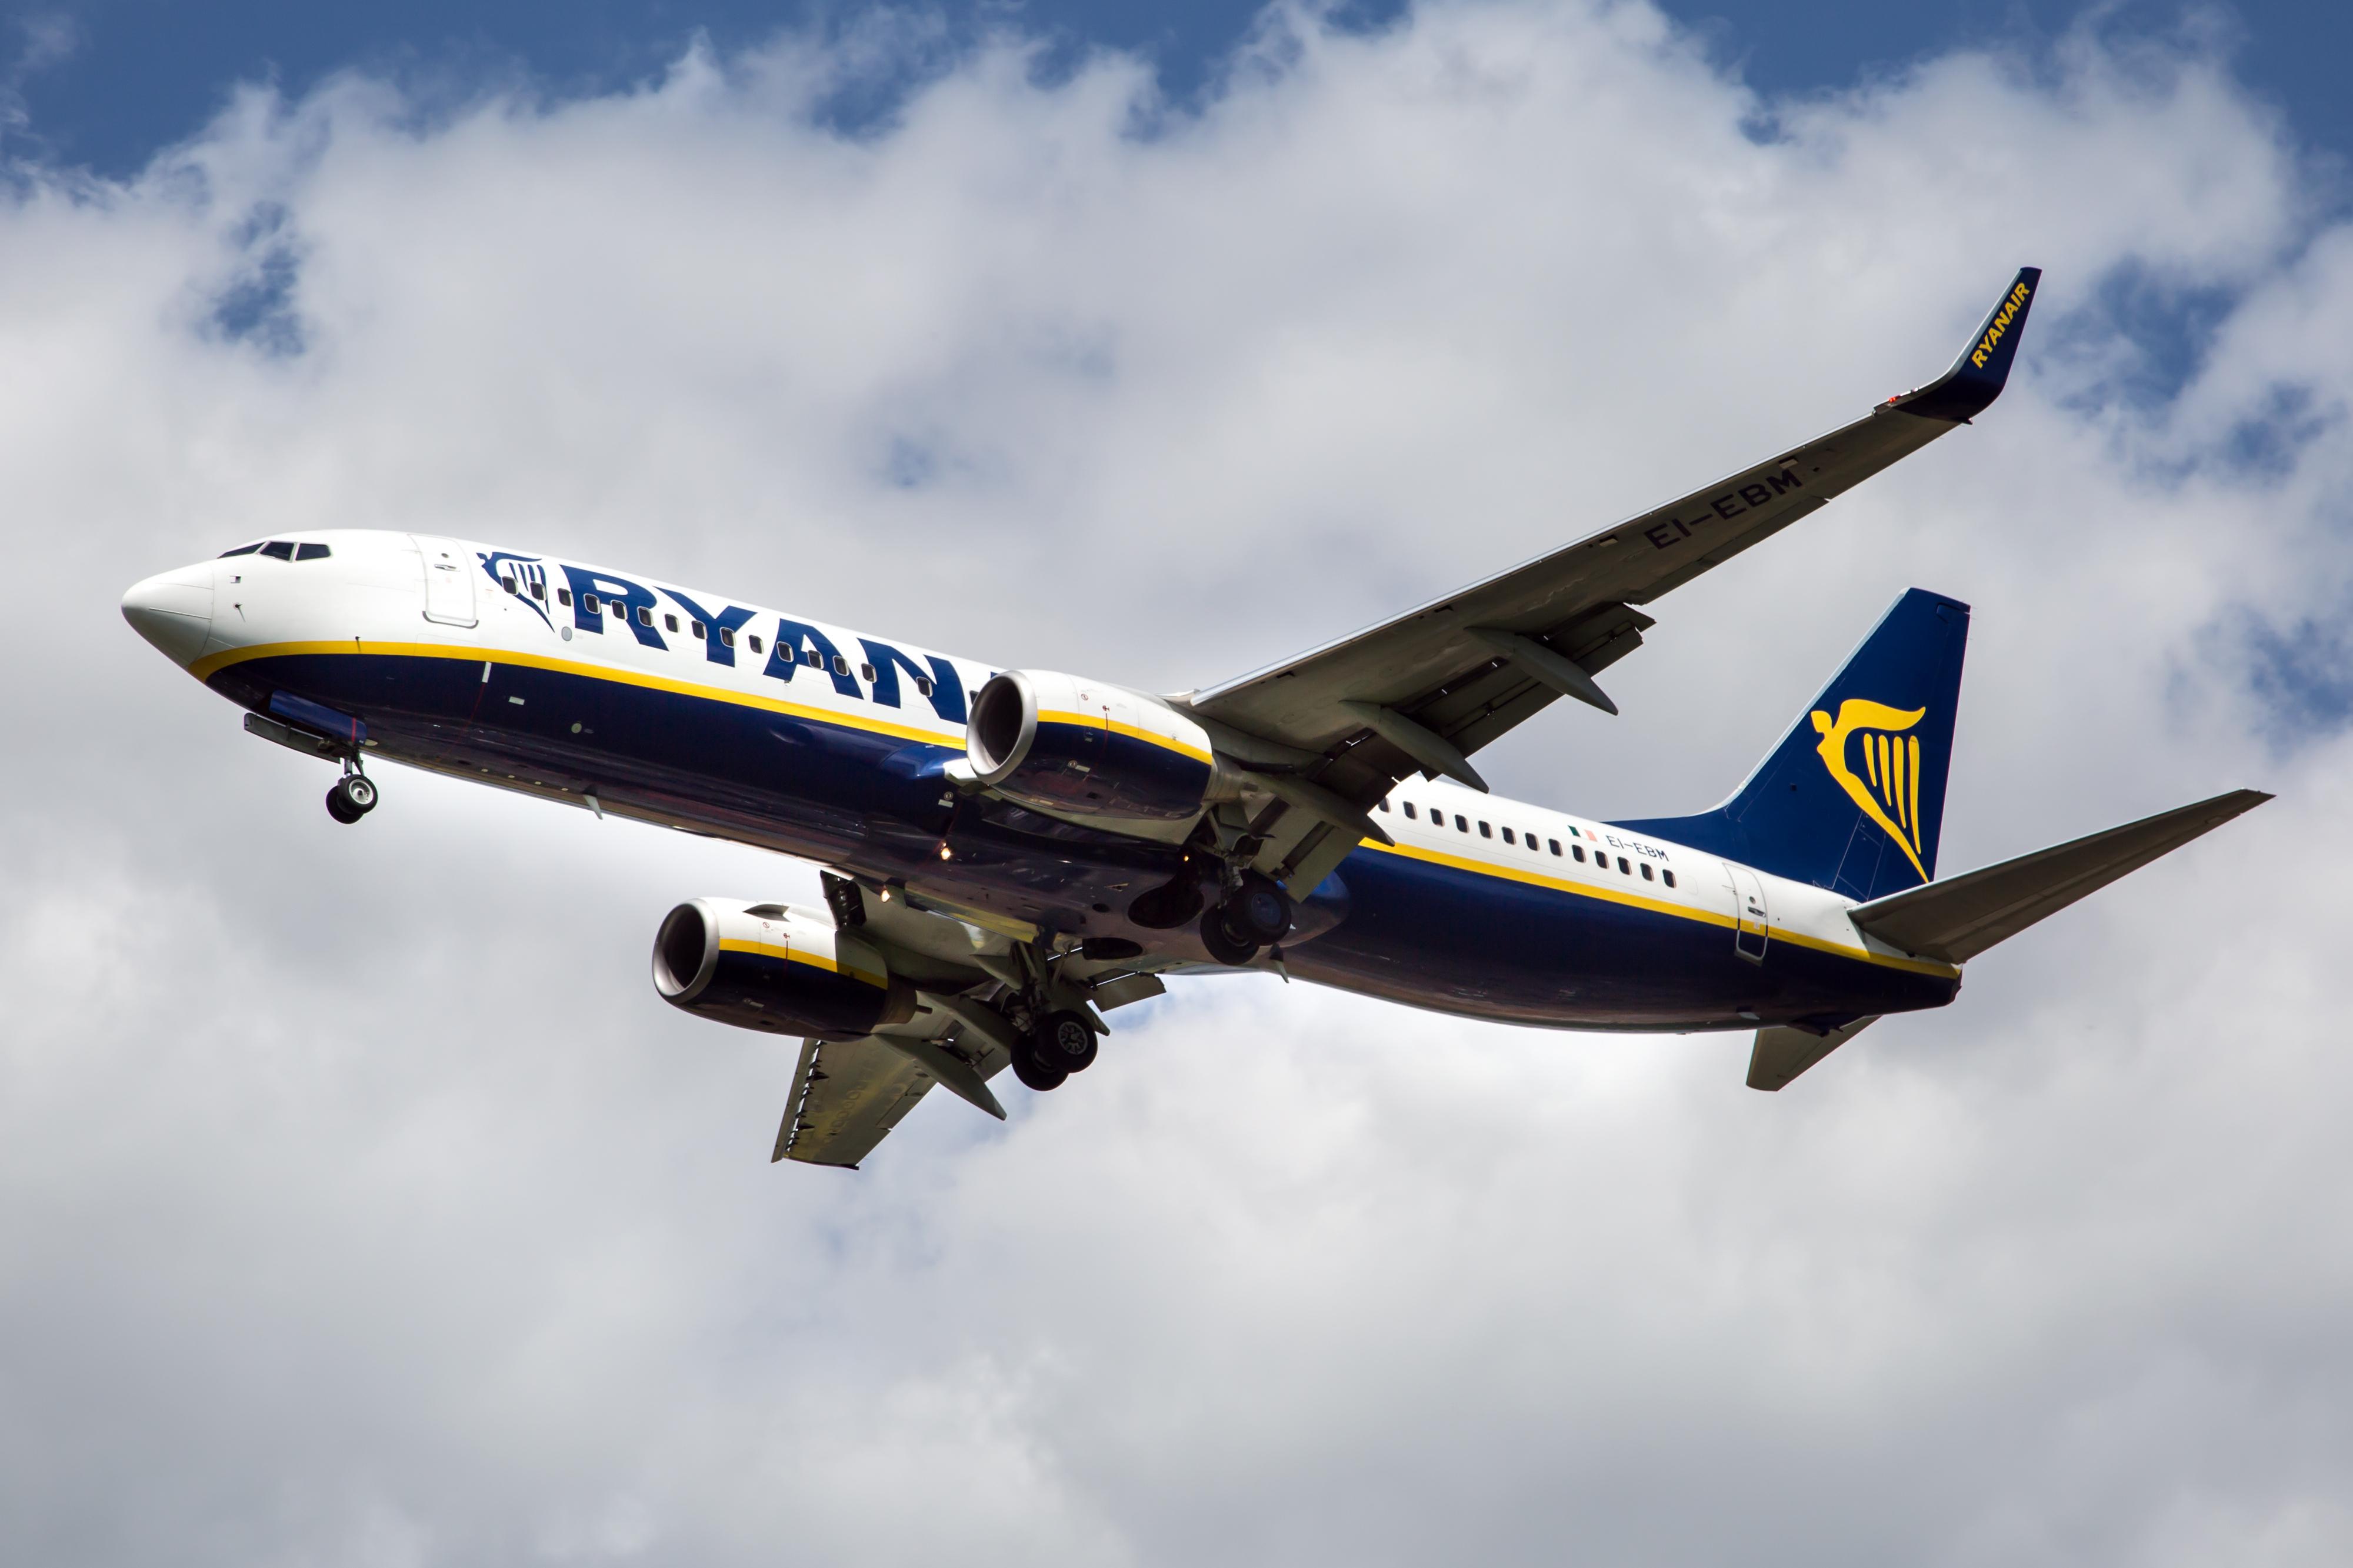 Ryanair chega ao longo curso nas asas da Air Europa